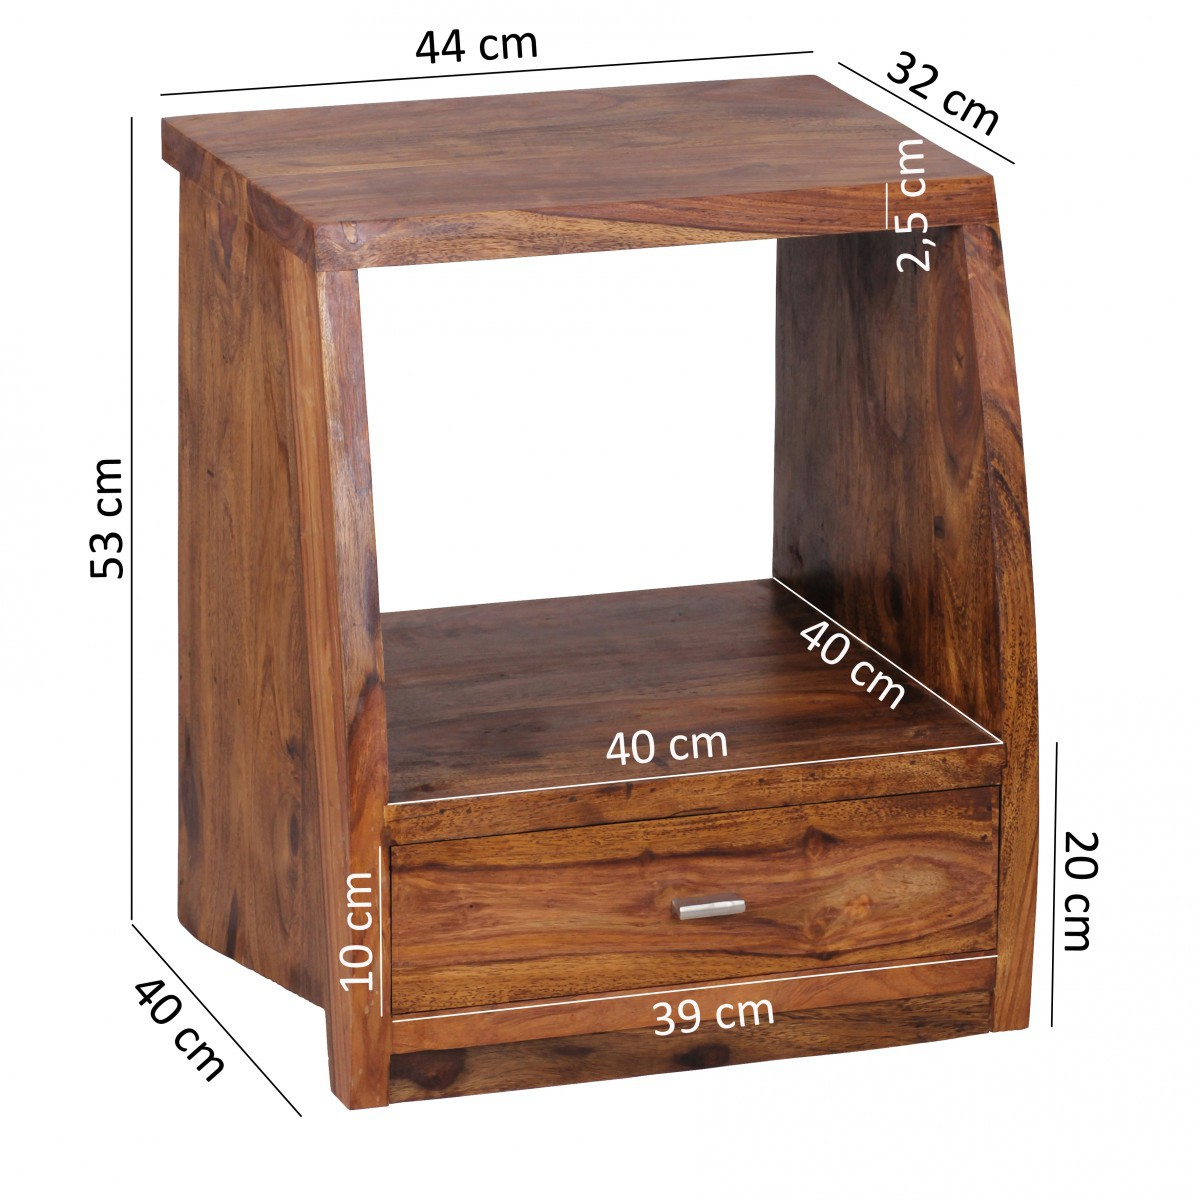 Design Holz Formen Und 600 X 450 87 Kb Jpeg Couchtisch